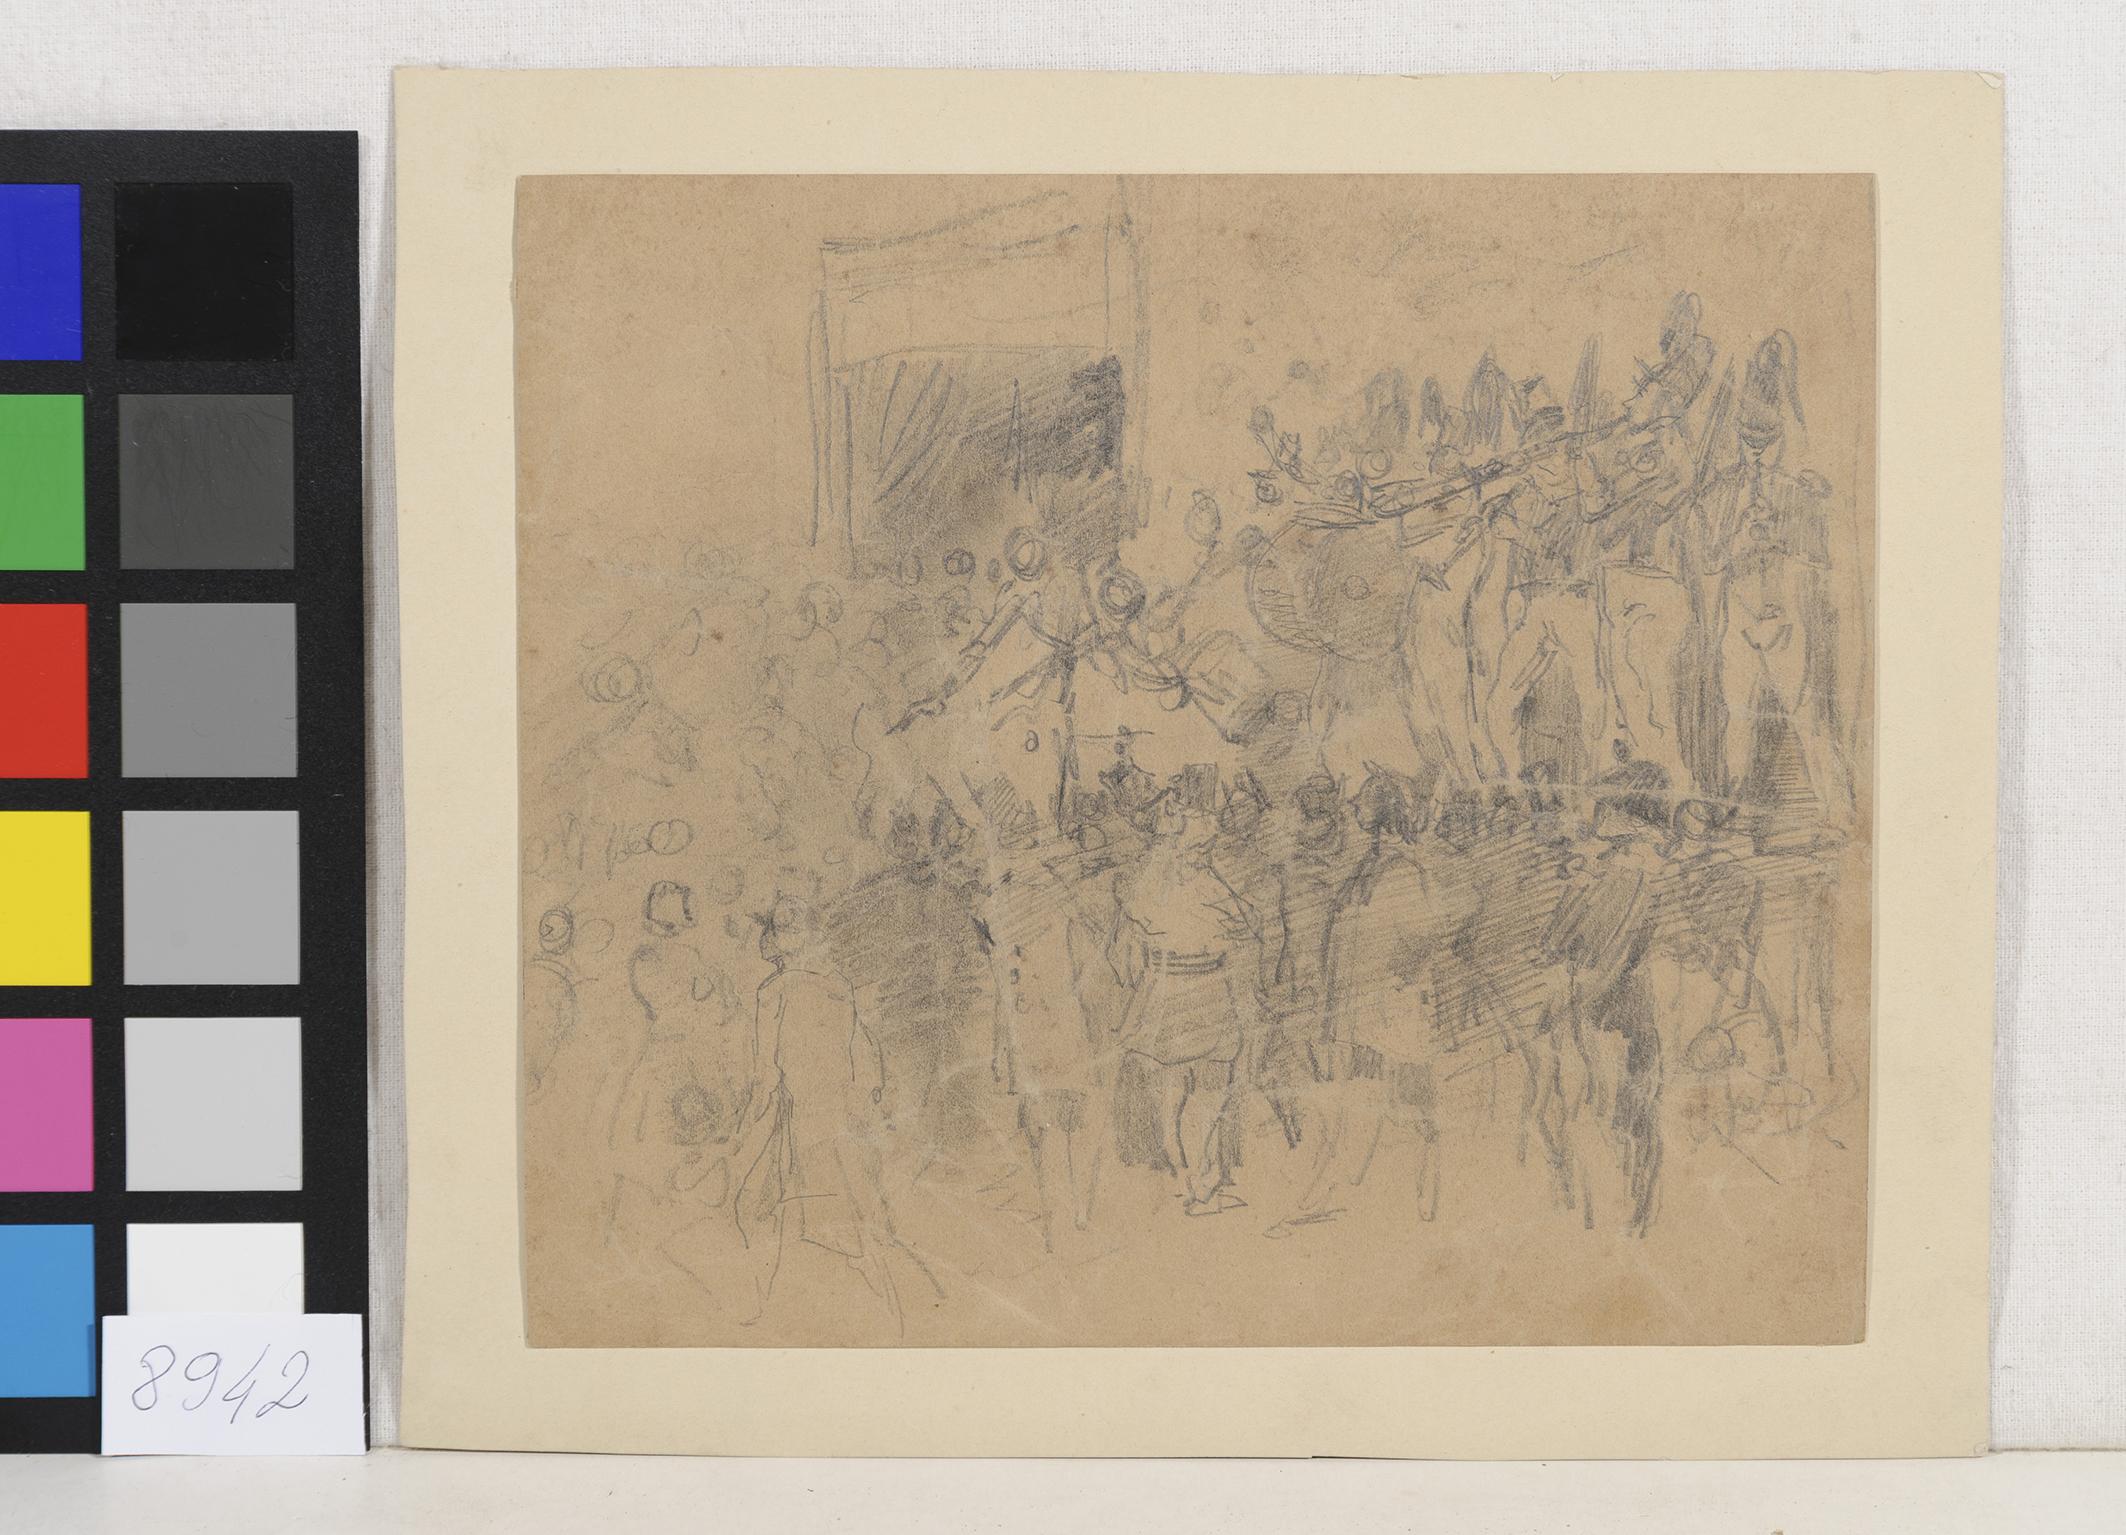 Desen - Anonim; Muzică militară - Muzeul Naţional de Artă al României - BUCUREŞTI (Patrimoniul Cultural National Mobil din Romania. Ordin de clasare: 3933/21.11.2016 - Fond)